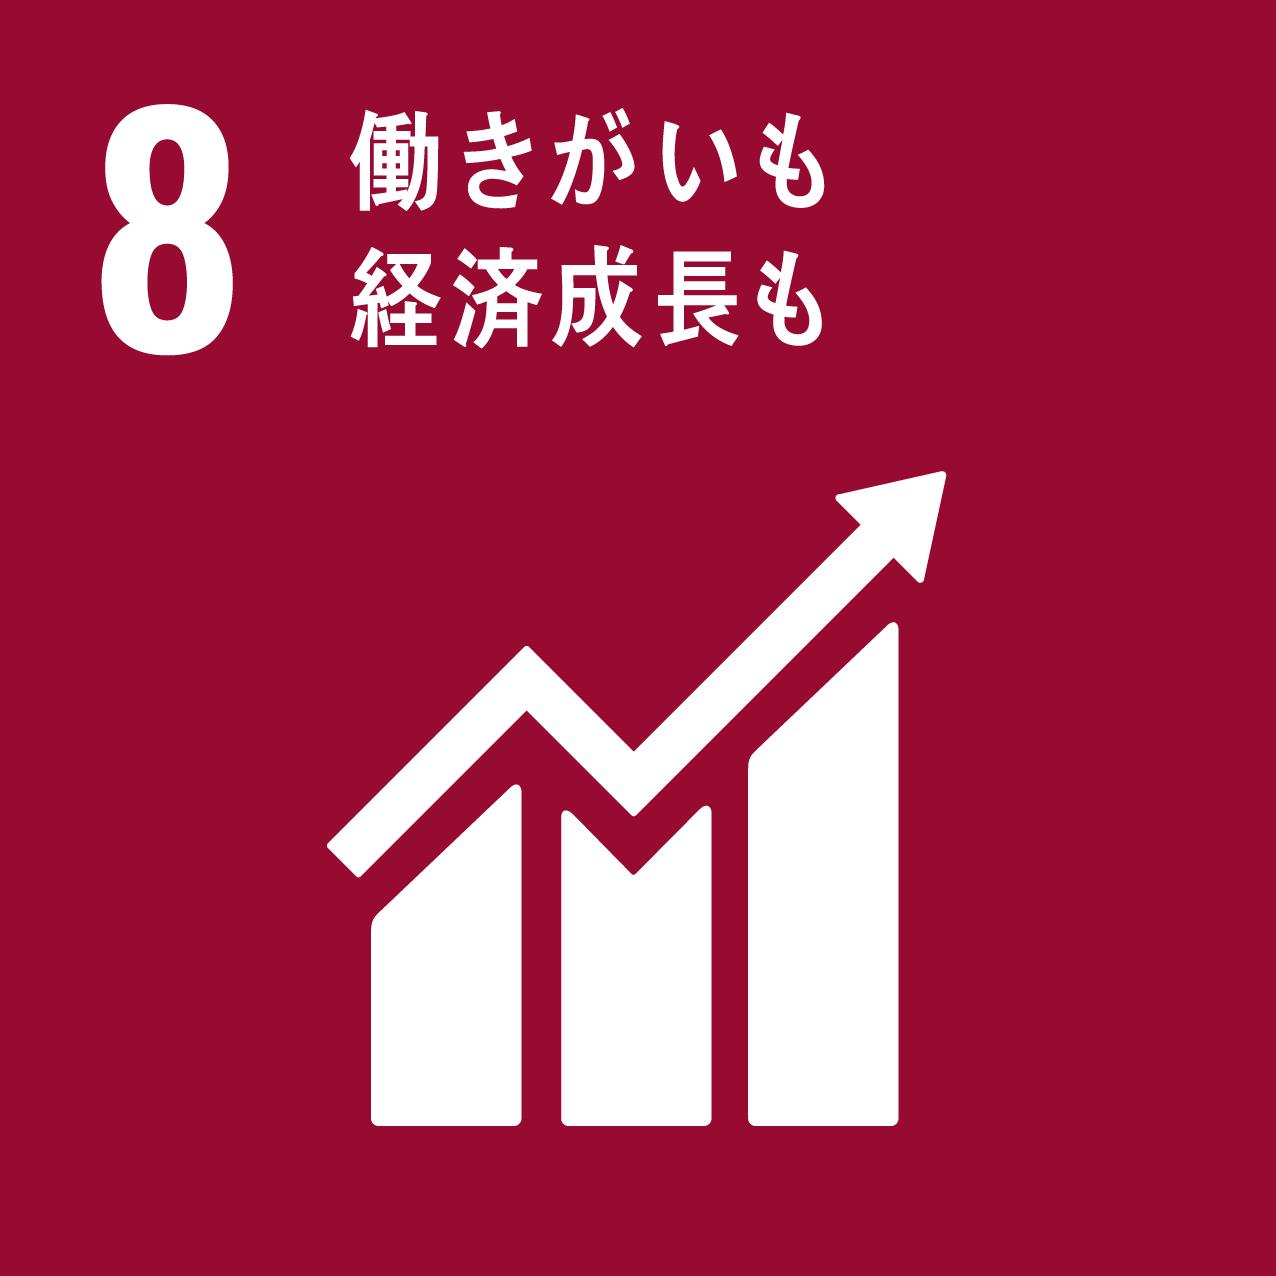 8. 働きがいも経済成長も